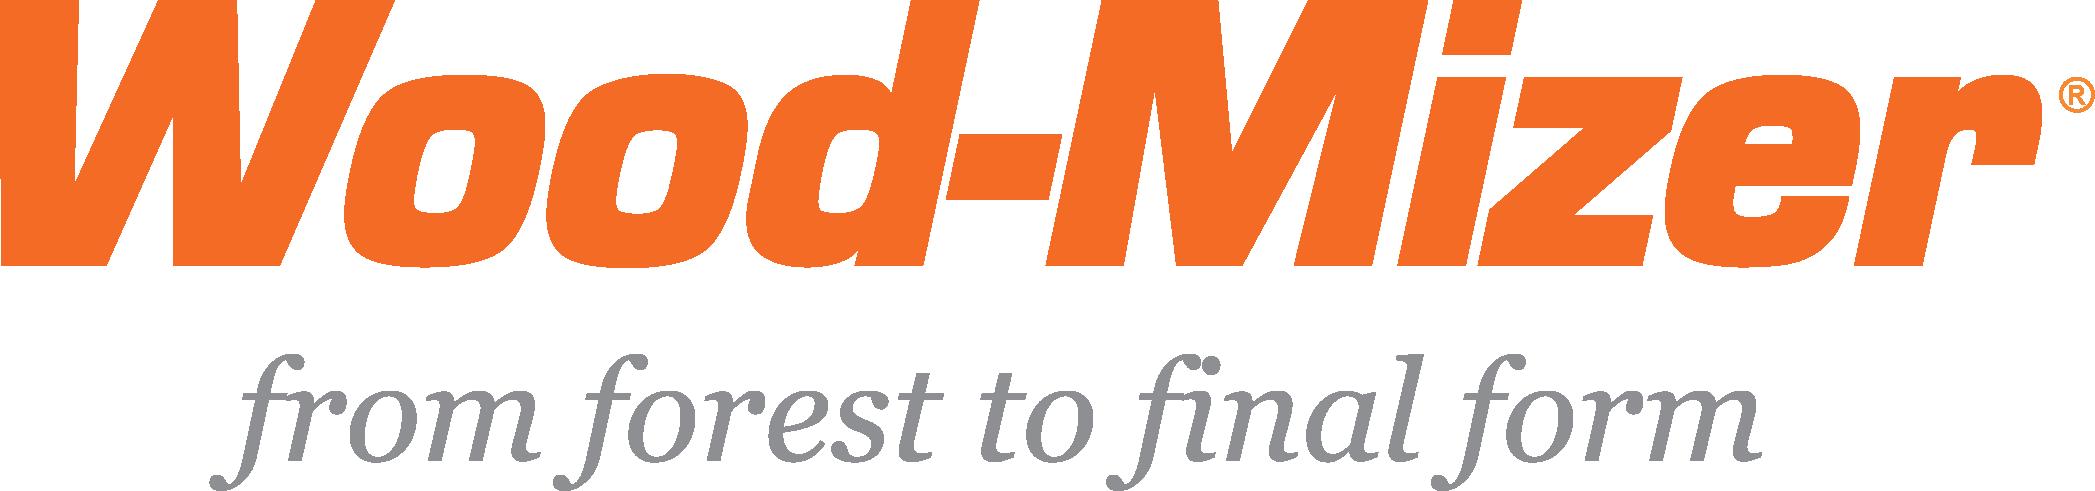 Logo firmy Wood-Mizer